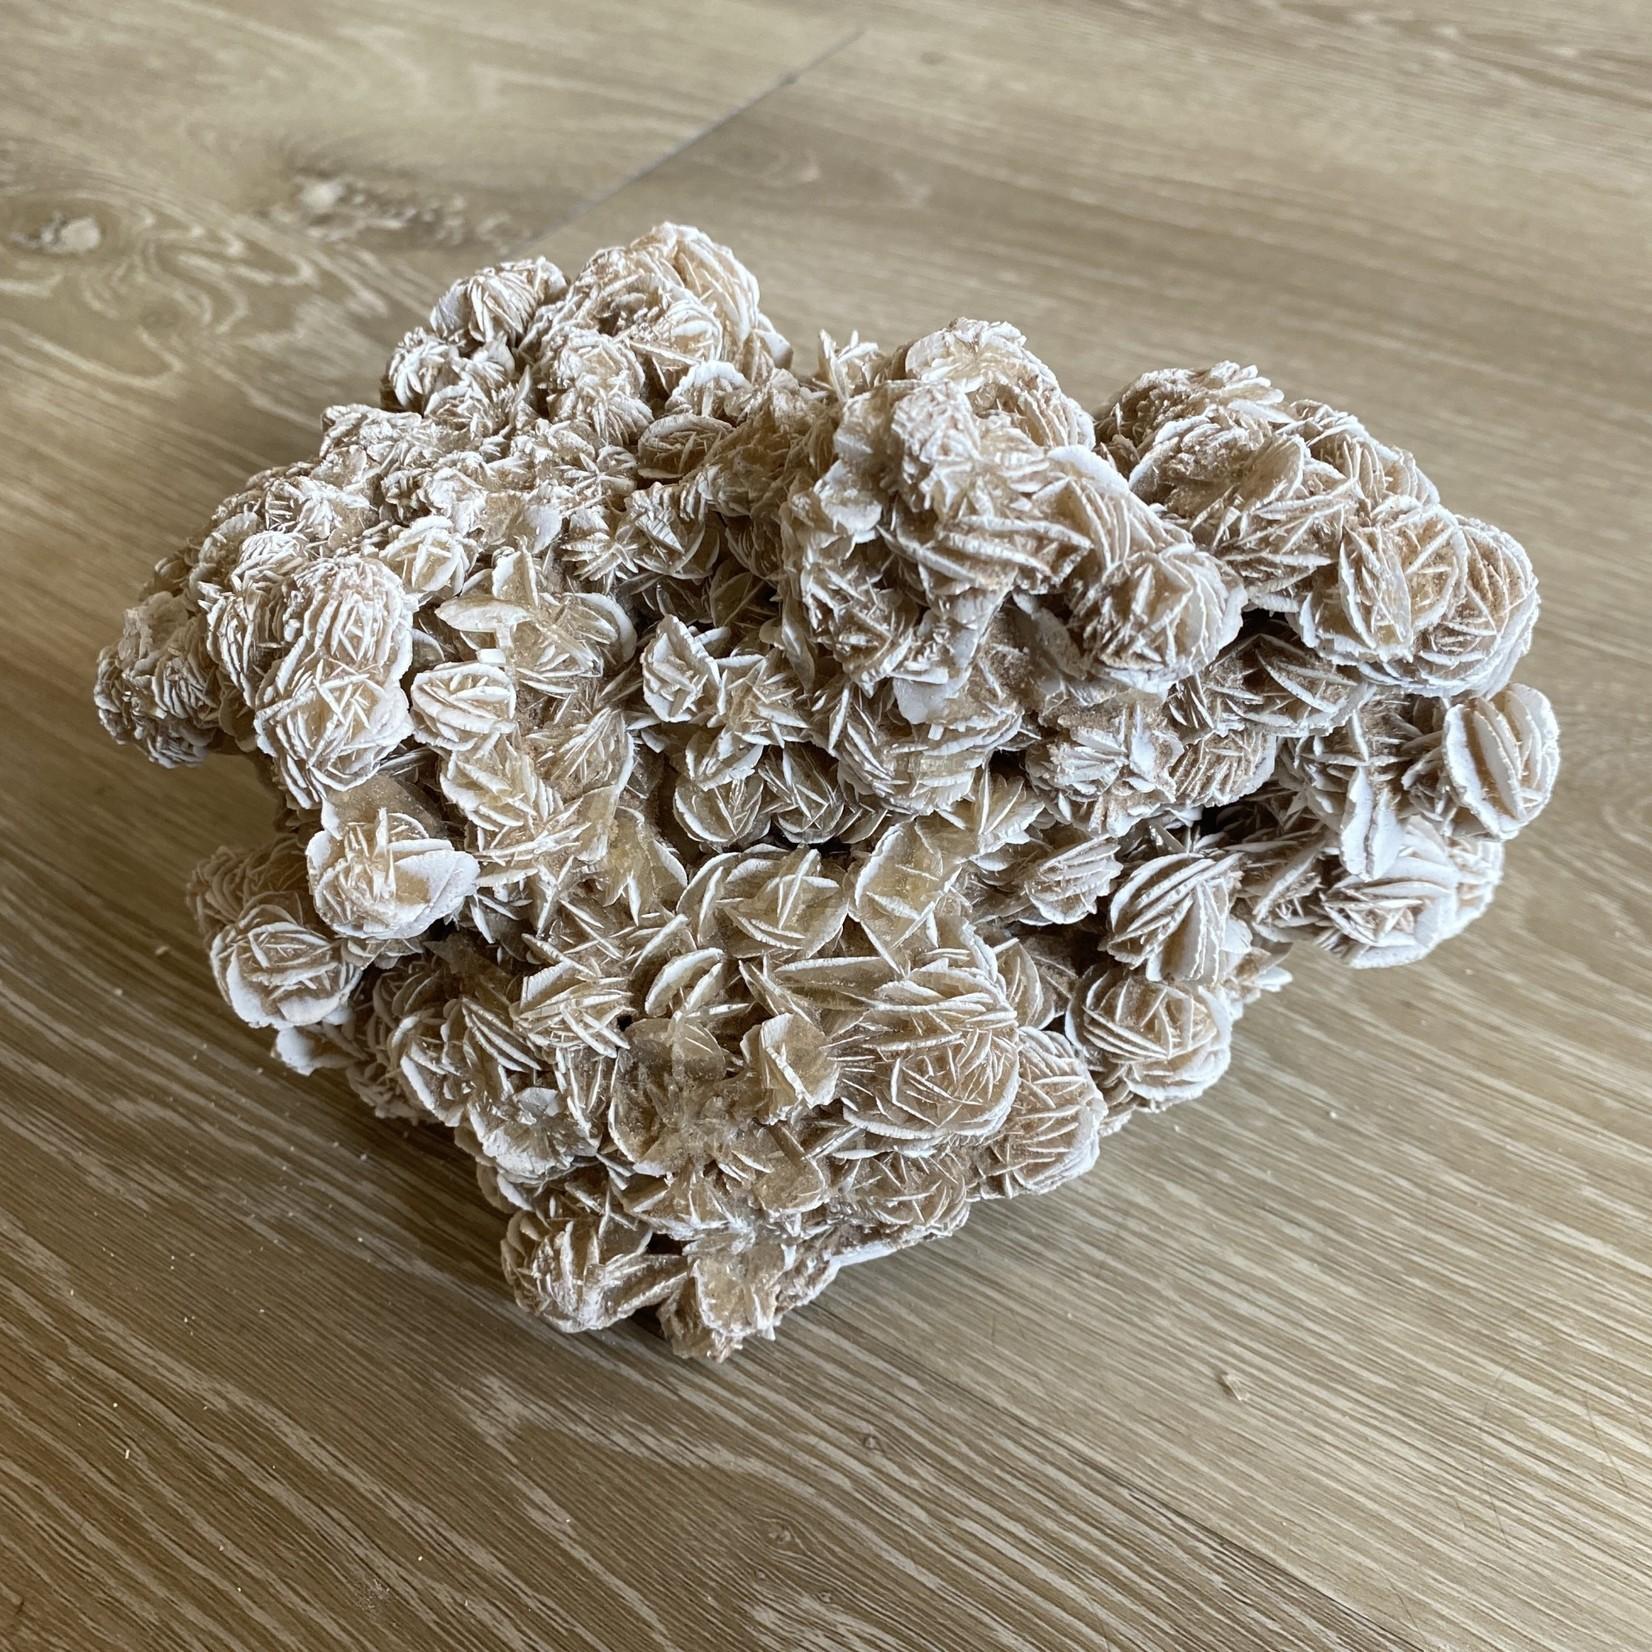 Desert Rose Cluster Small spheres